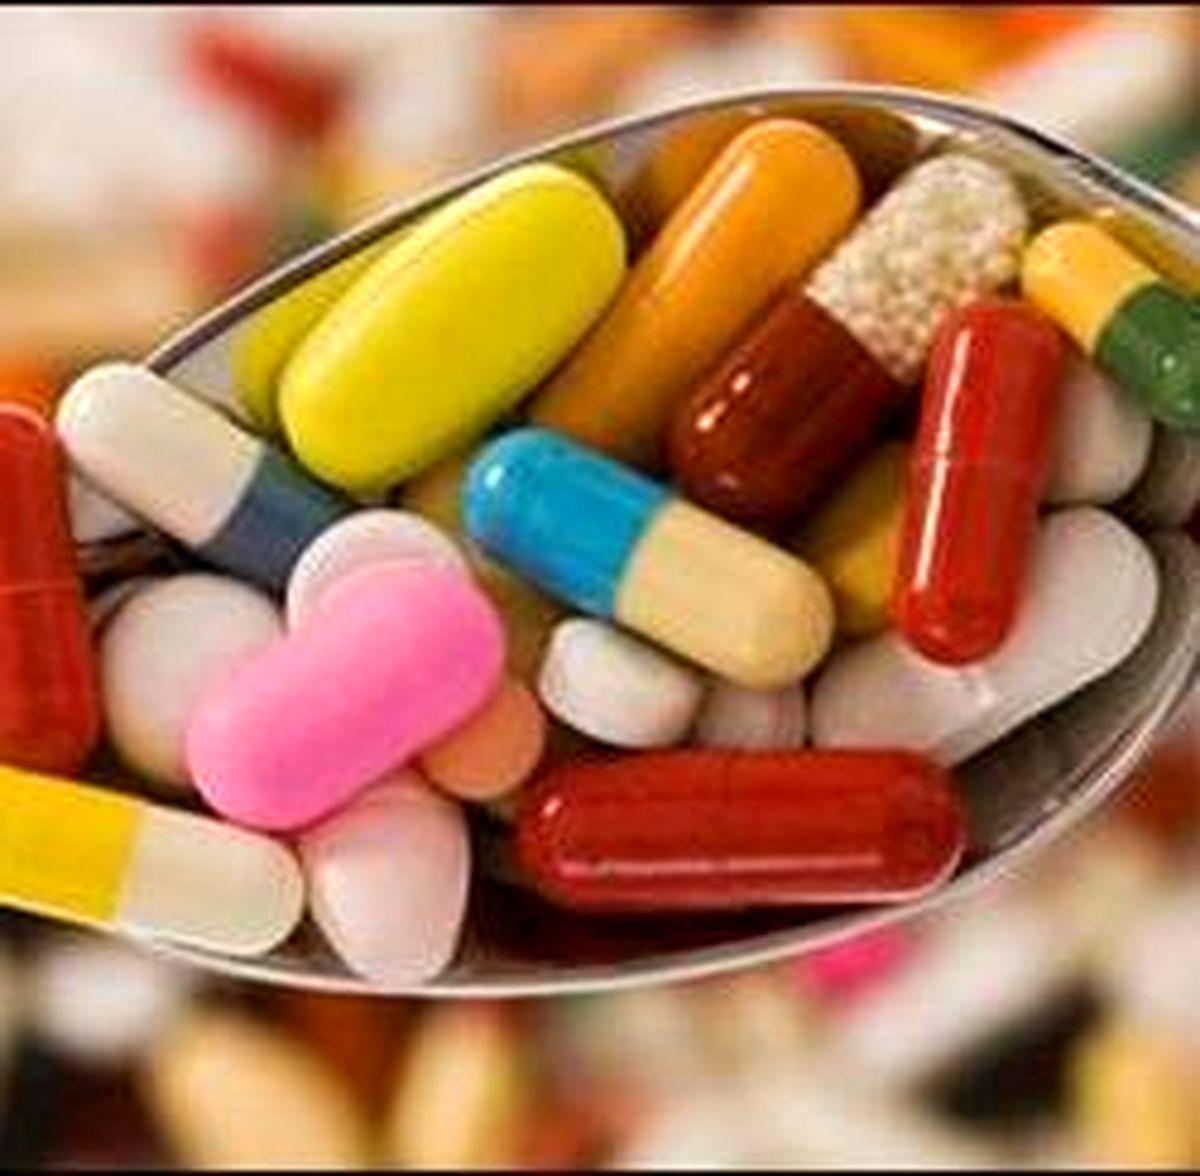 کشف دارویی جهت جلوگیری از شیوع مرگبارترین سرطان پوست